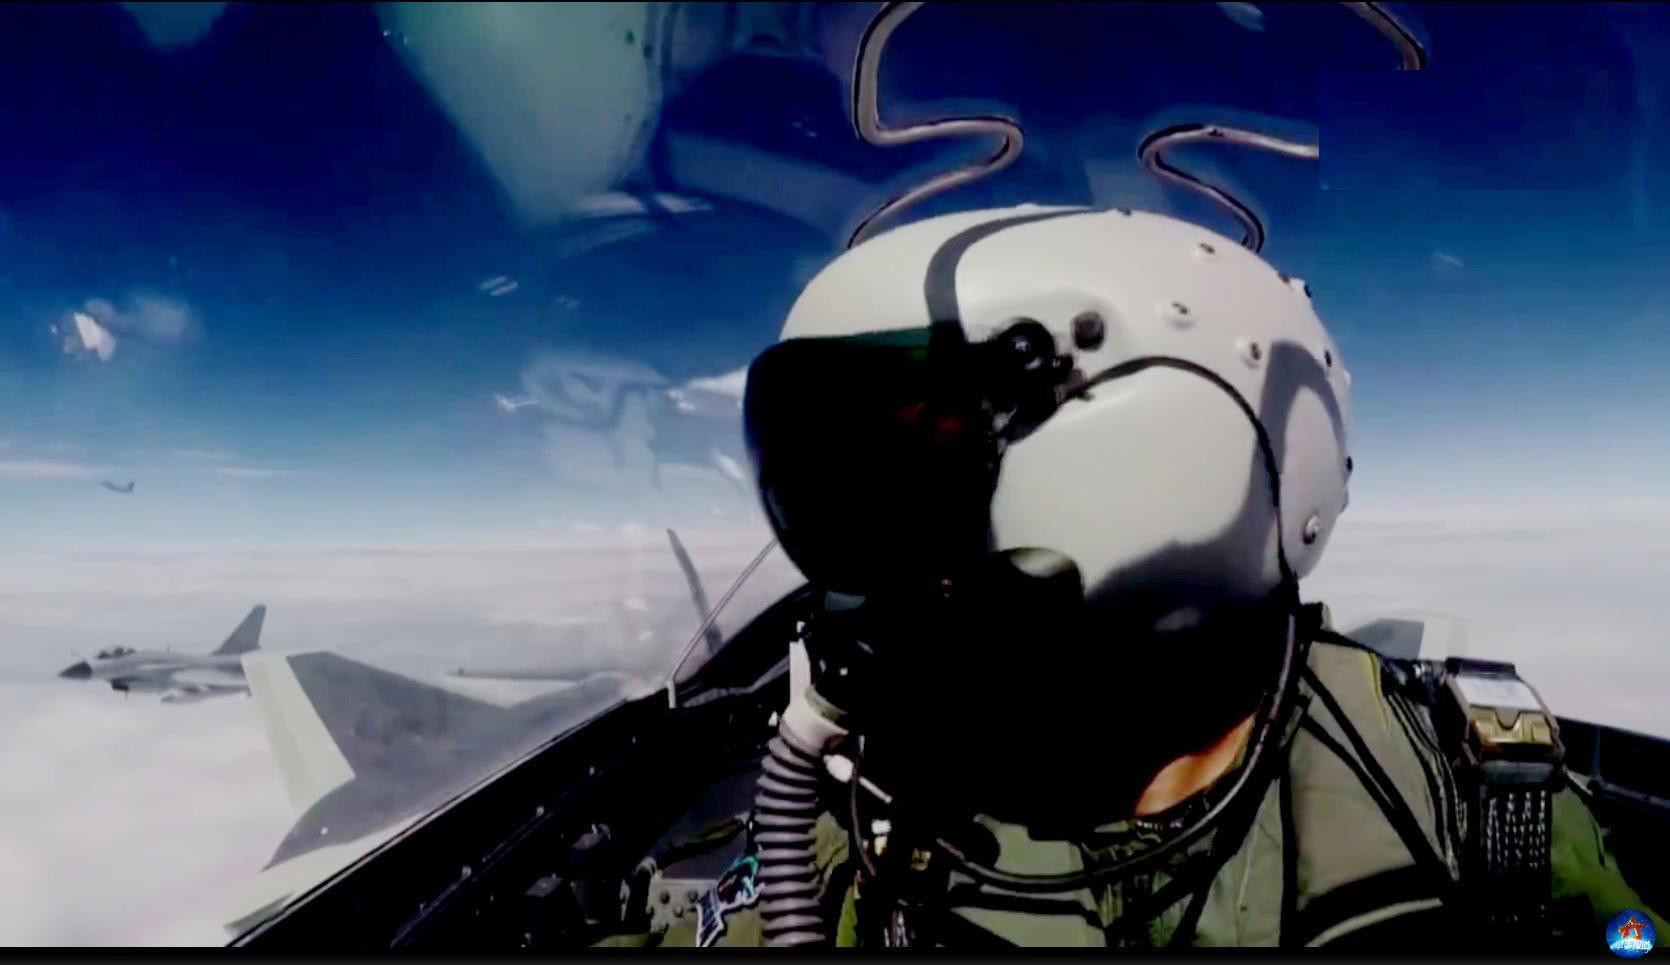 圖為裝備全新飛行頭盔的殲20飛行員。(資料圖)